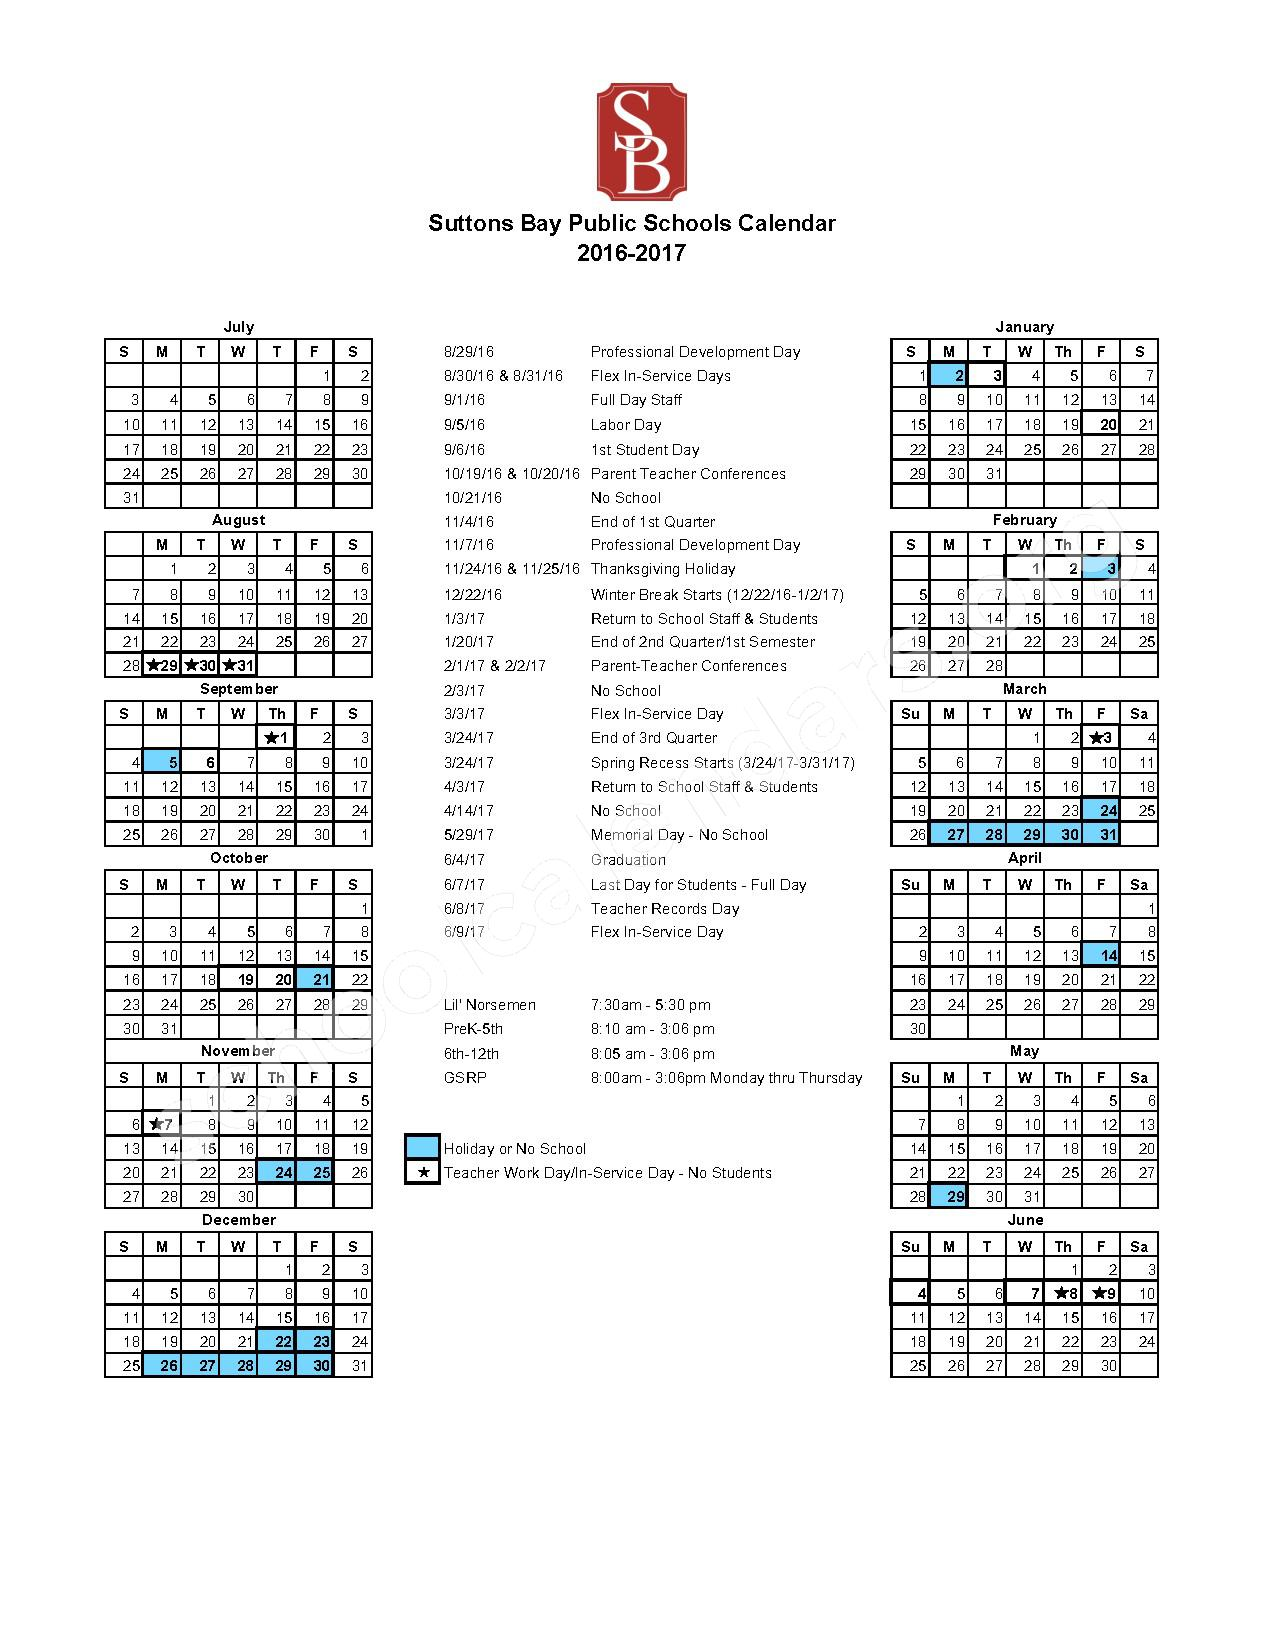 2016 - 2017 School Calendar – Suttons Bay Public Schools – page 1